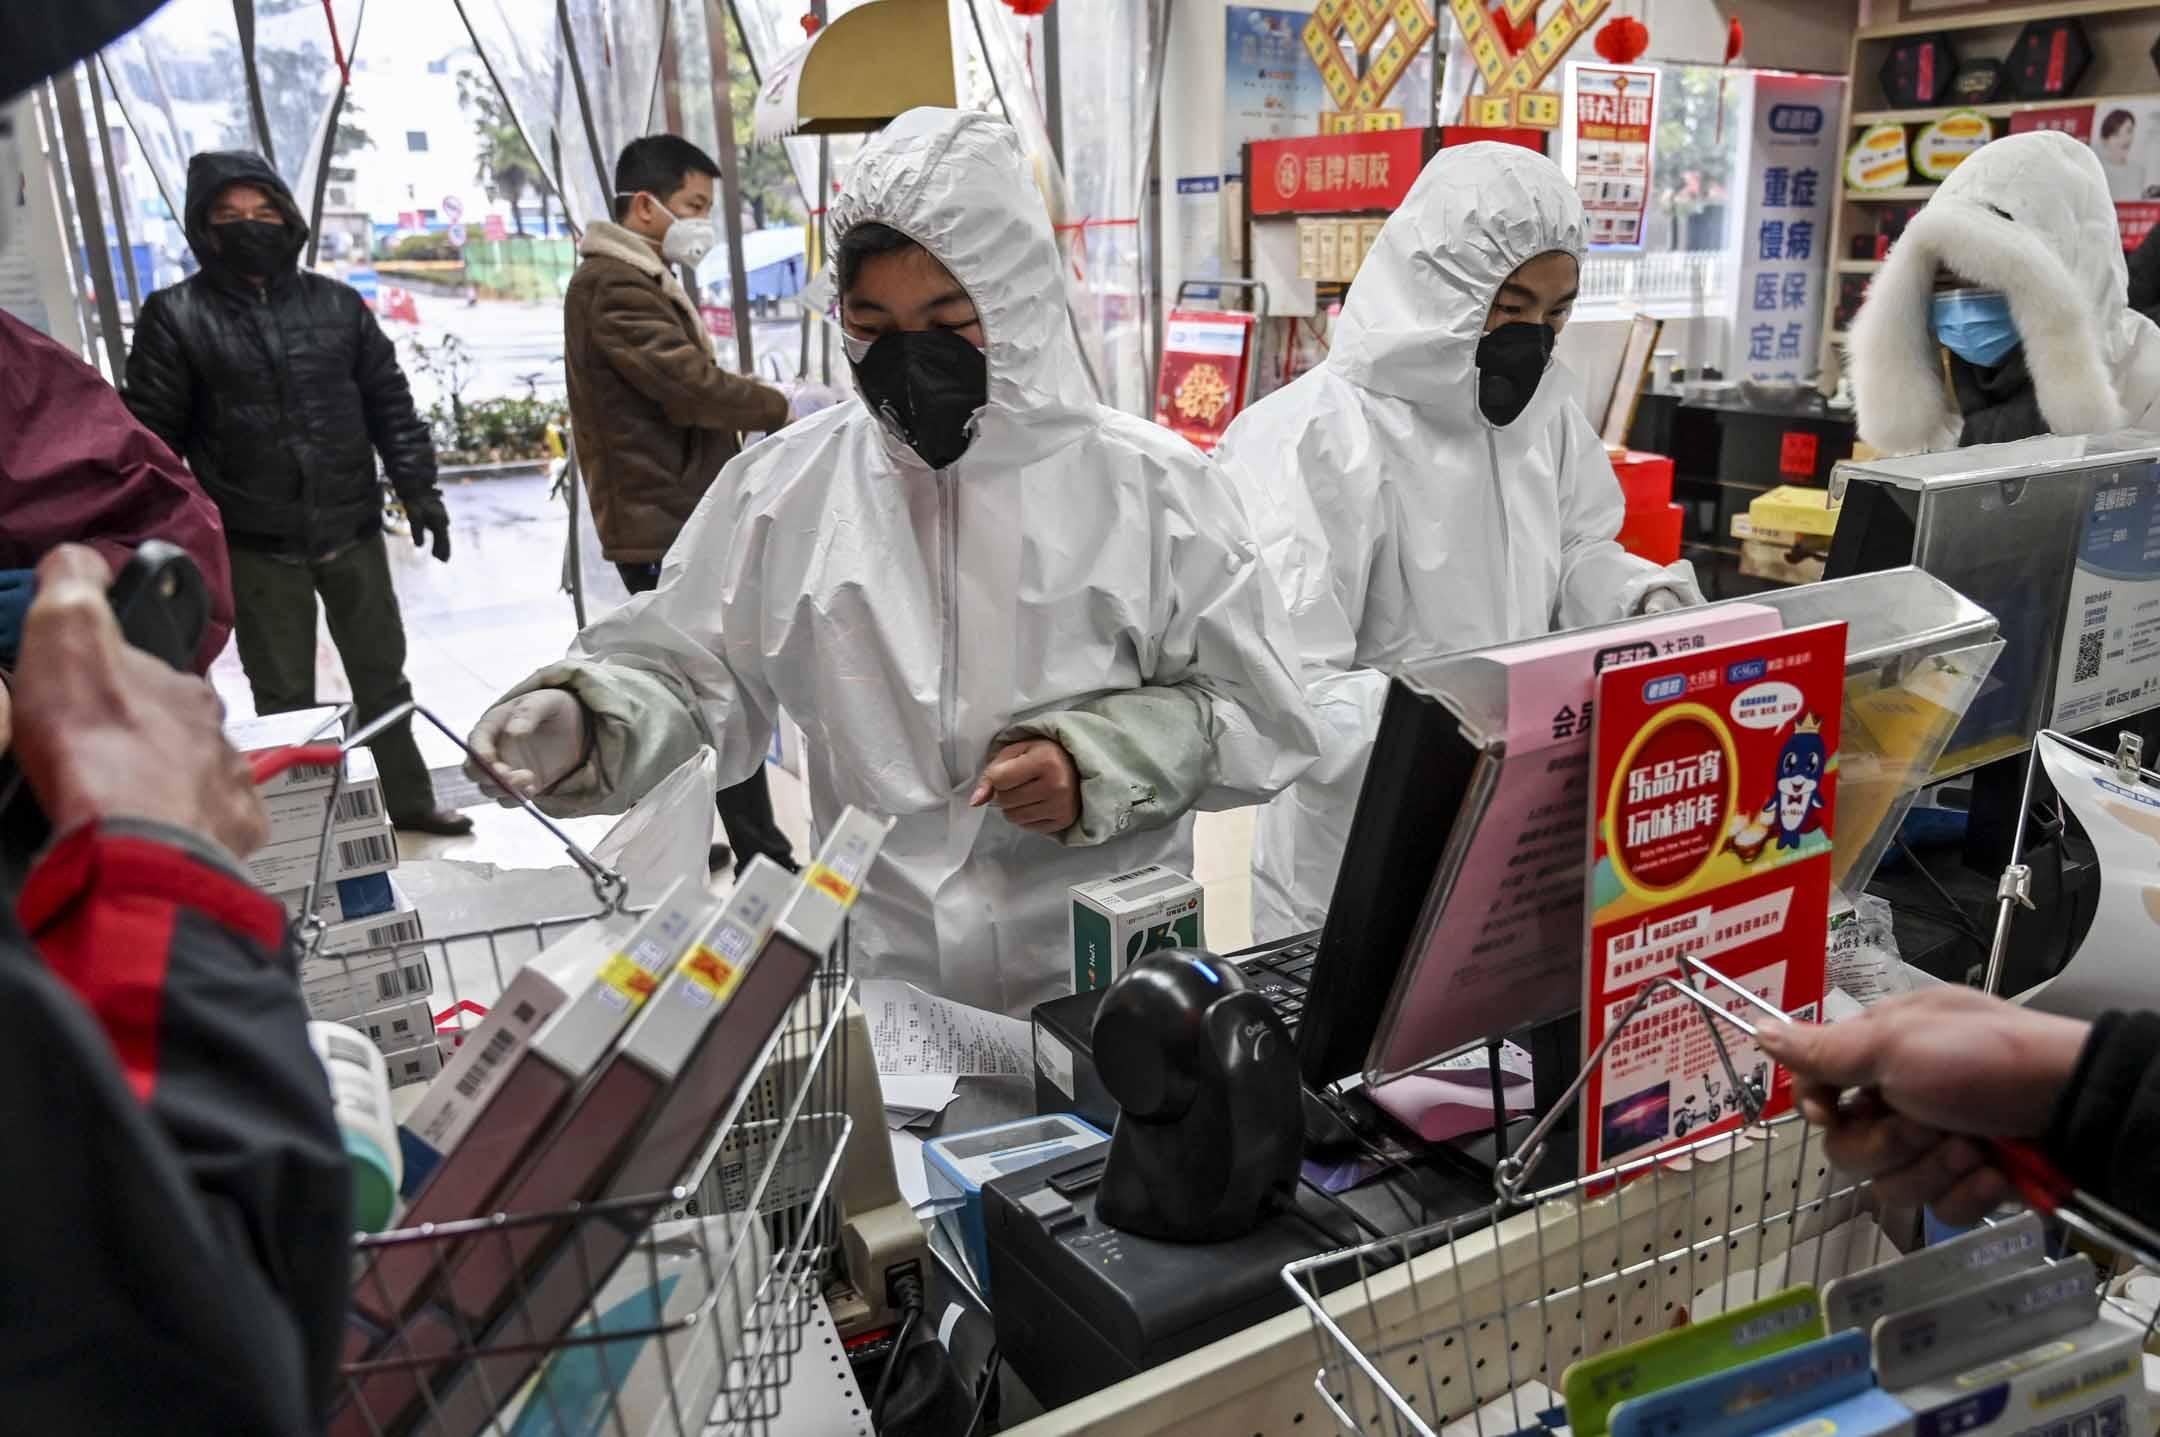 2020年1月25日,戴著防護服和口罩的藥房工作人員在武漢為顧客服務。 攝:Hector Retamal/AFP via Getty Images